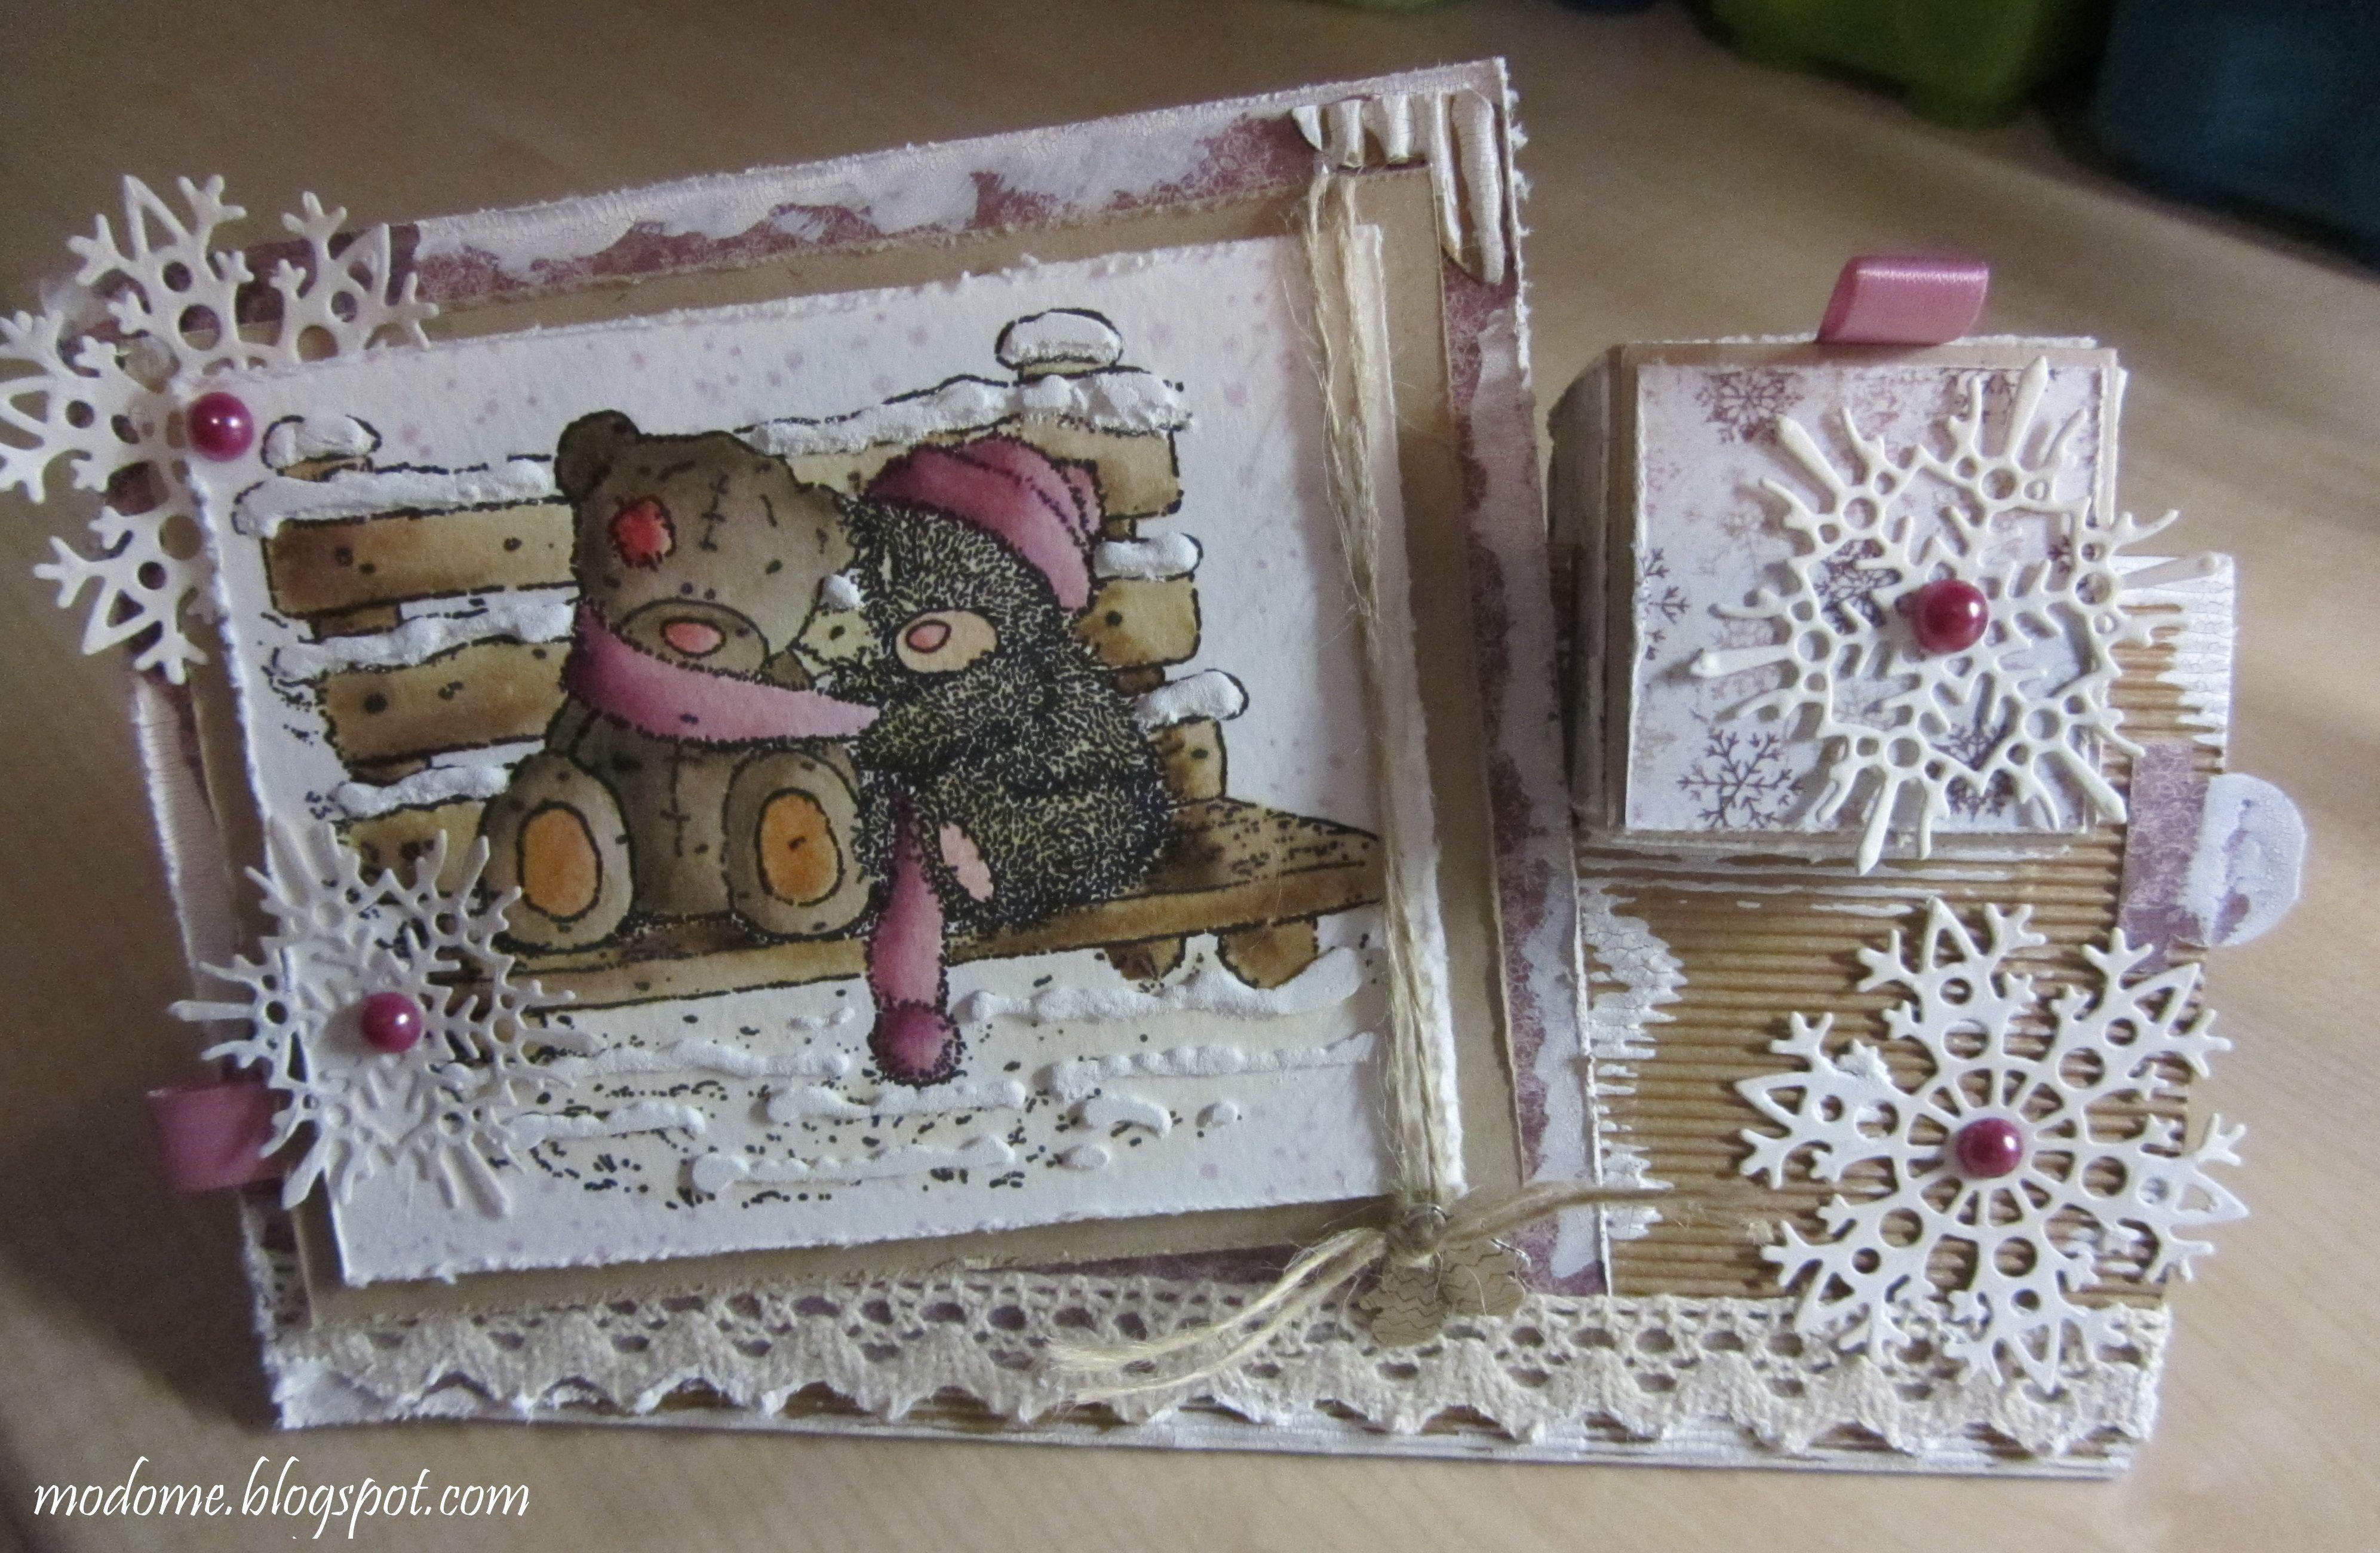 Päcklikarte http://modome.blogspot.ch/2013/12/ganz-spontan.html